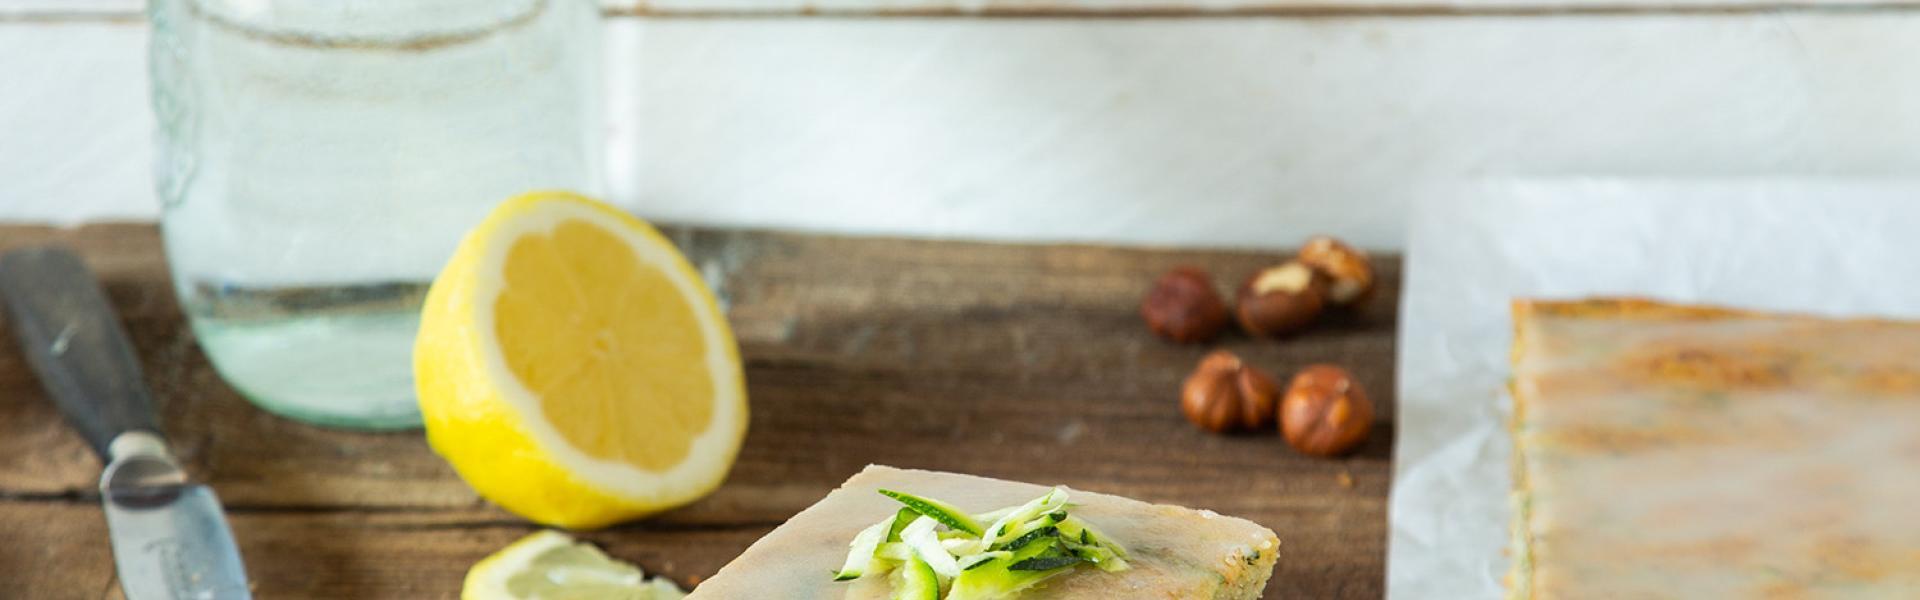 Zucchinikuchen vom Blech in Stücken auf einem Teller angerichtet.